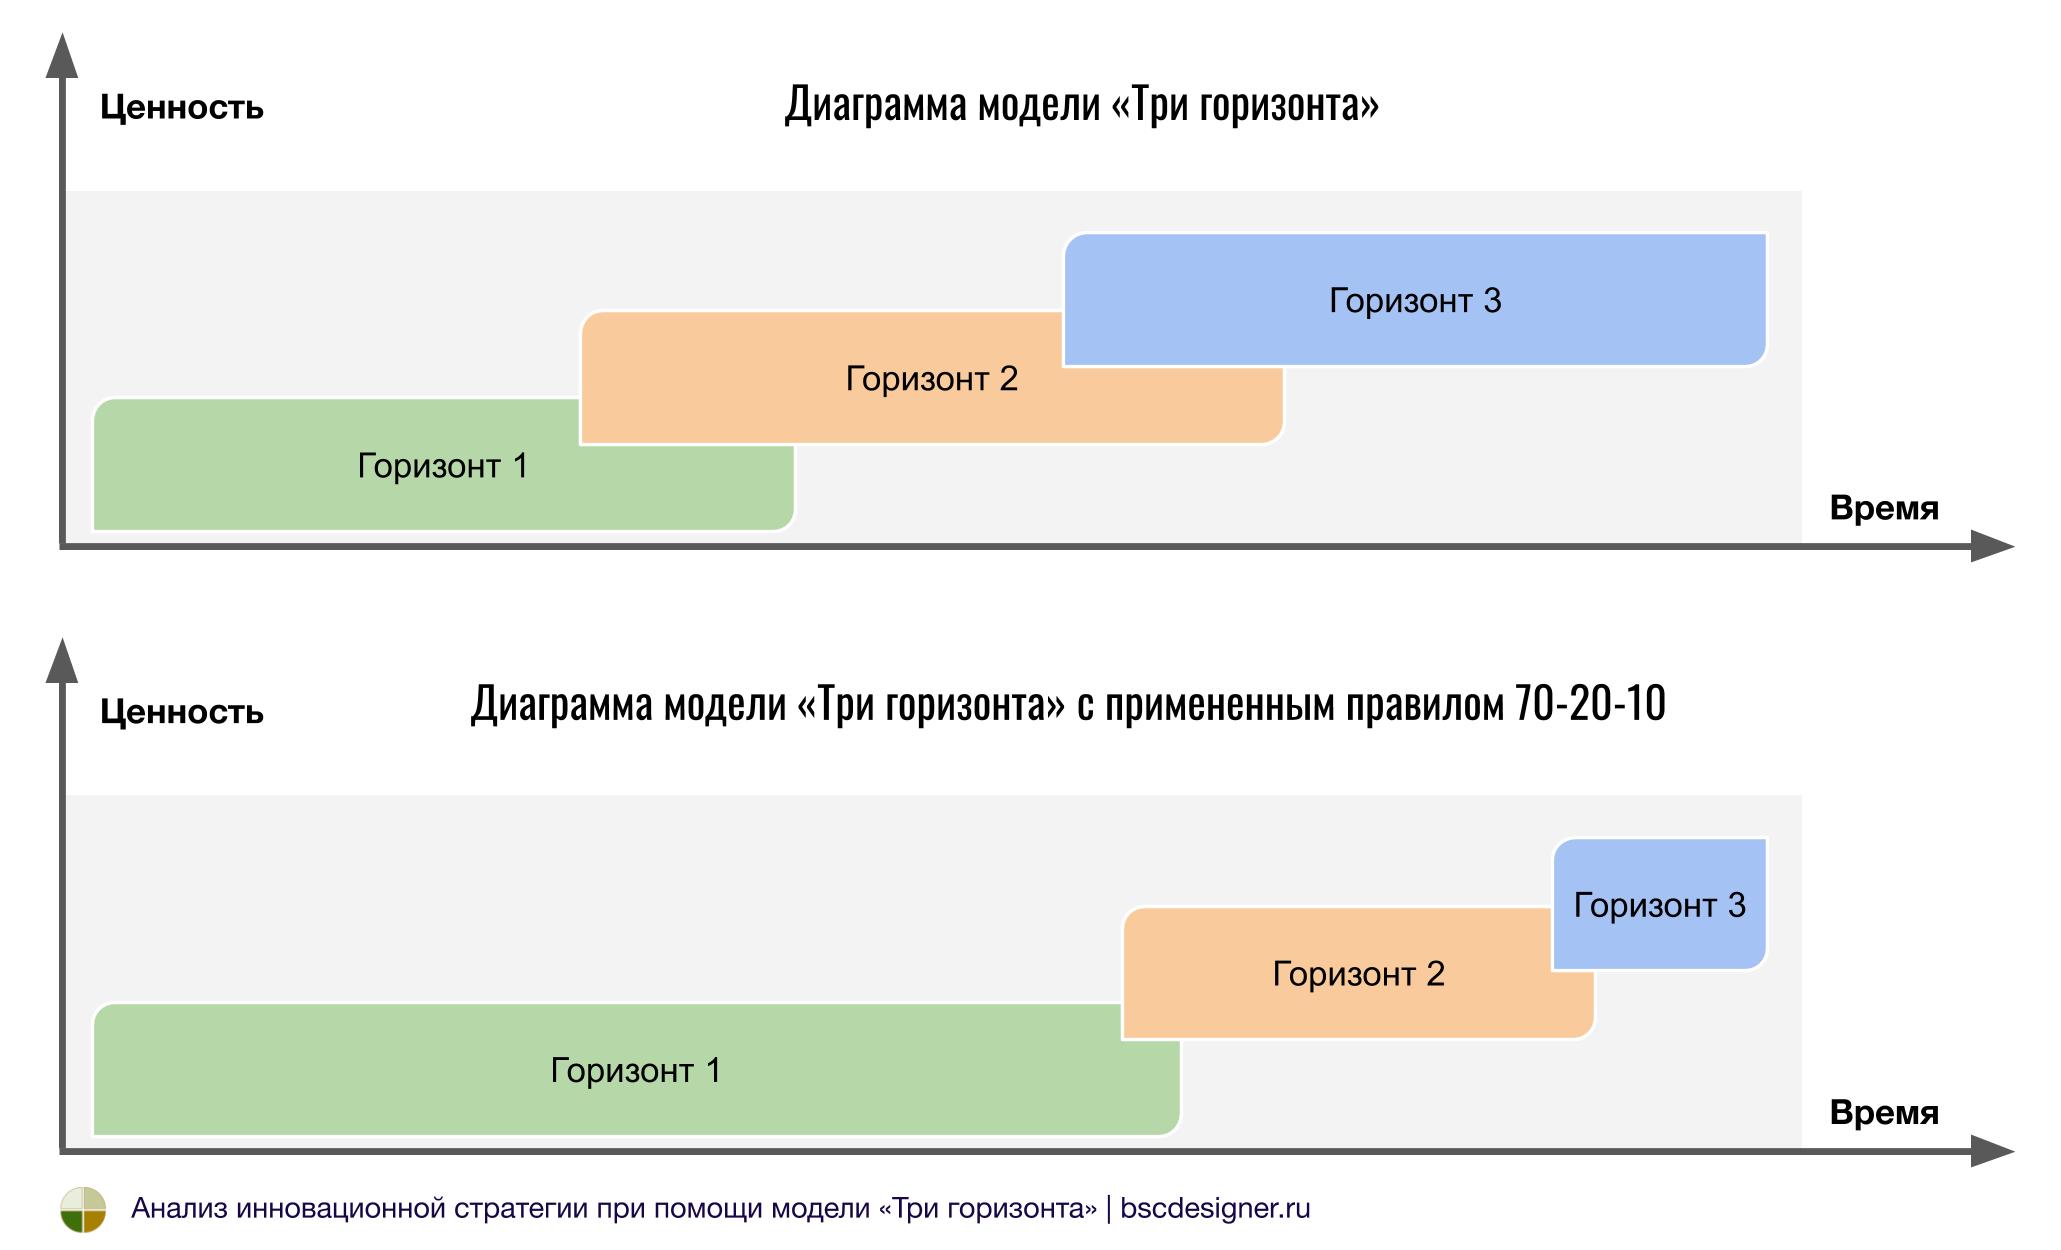 Диаграмма модели «Три горизонта» с примененным правилом 70-20-10